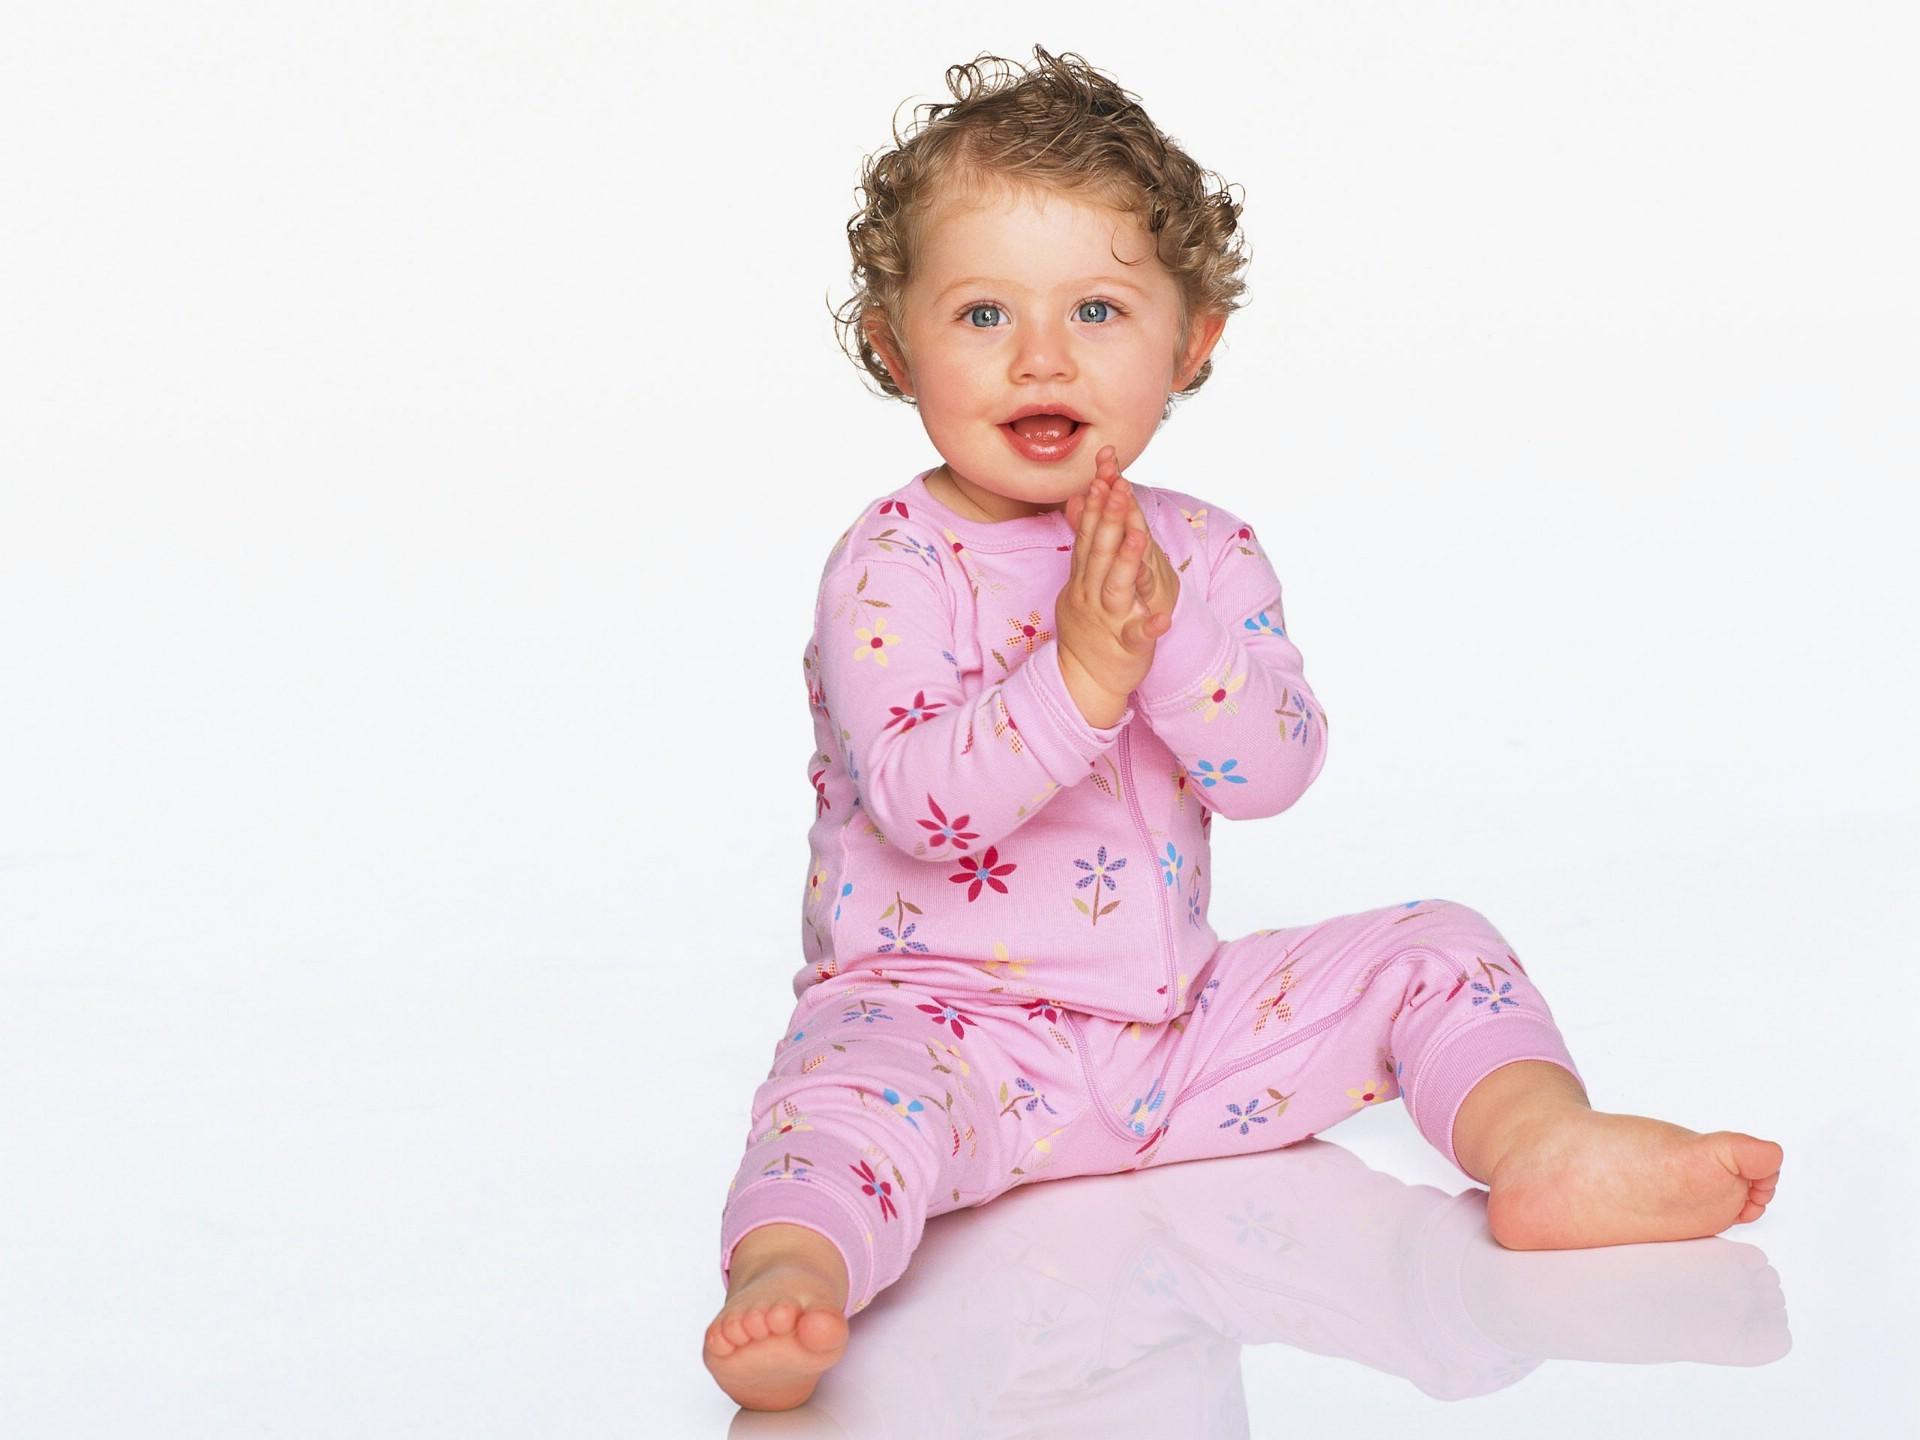 bebek hd resimleri